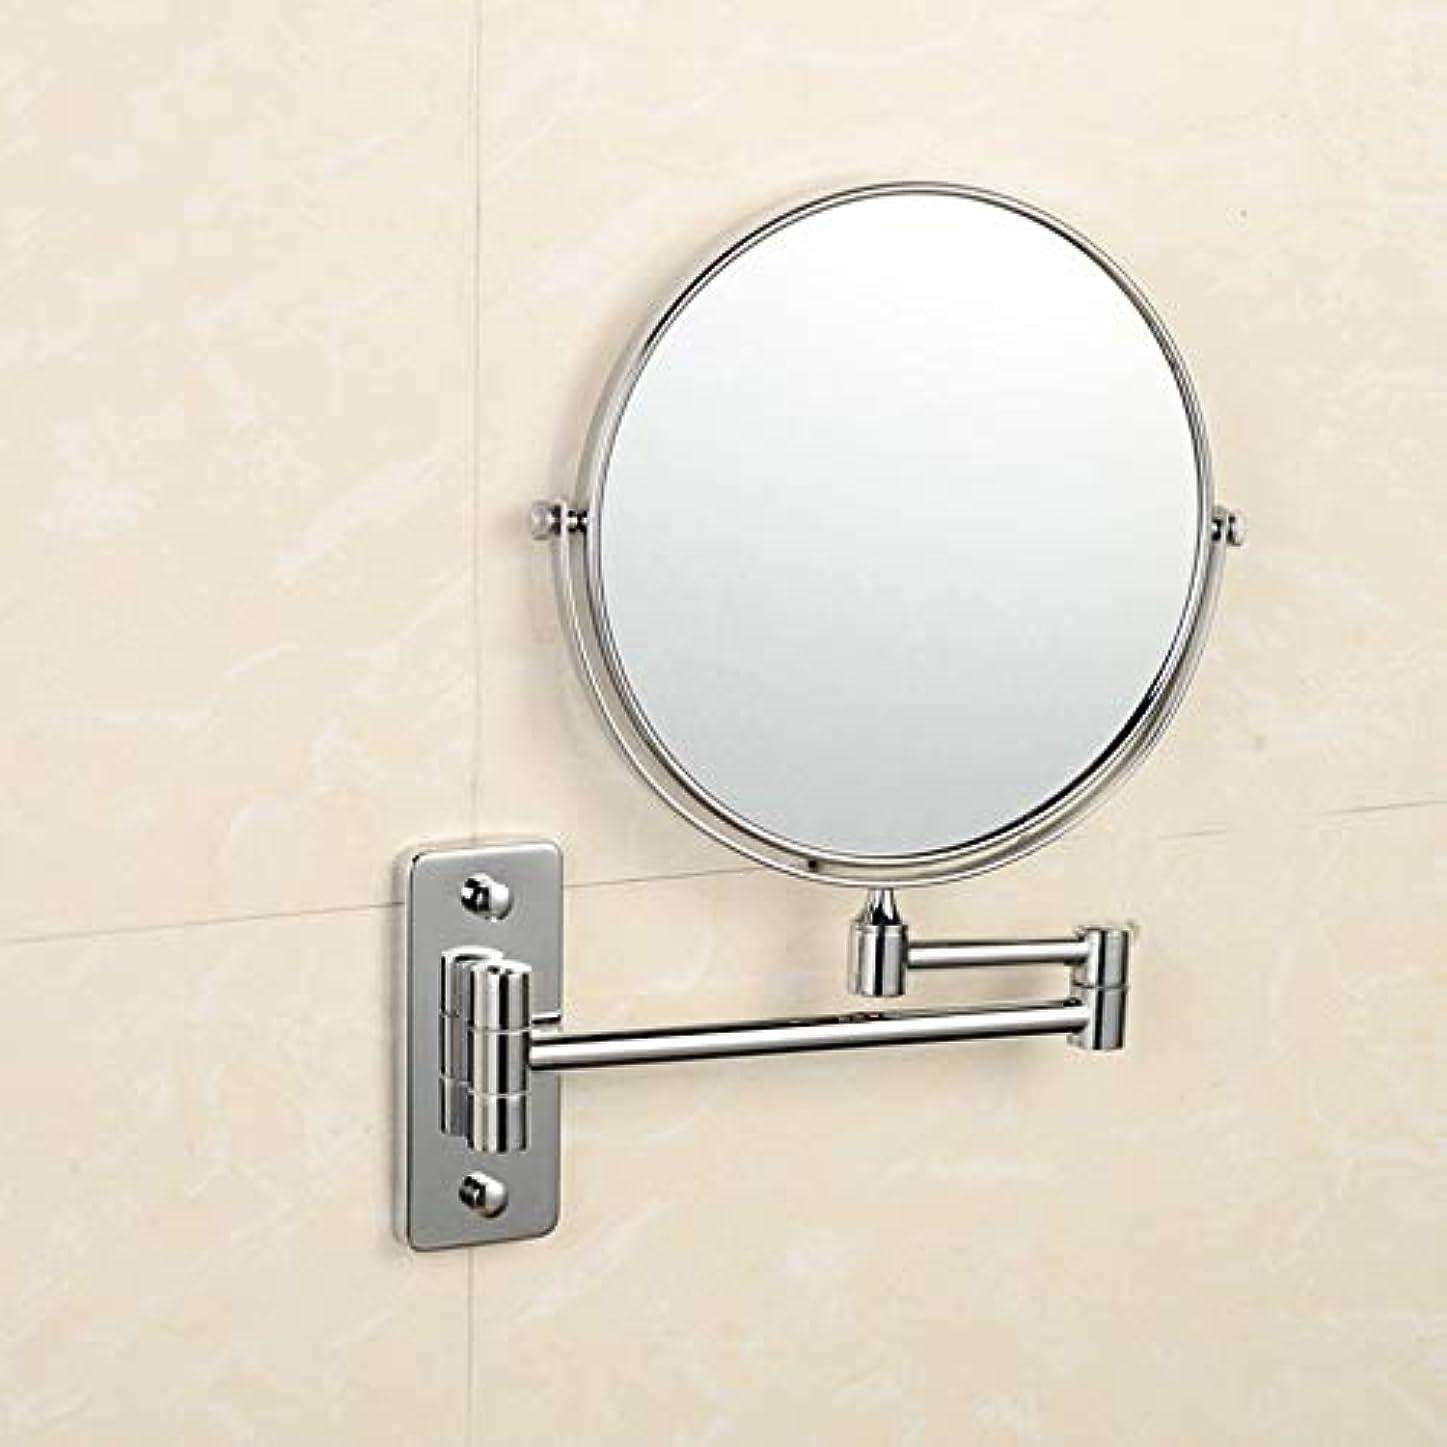 着陸動的ぺディカブ流行の 銅浴室鏡折りたたみ伸縮性格人格美人表裏面360度回転壁掛け虫眼鏡ミラーシルバーホームビューティーミラー浴室